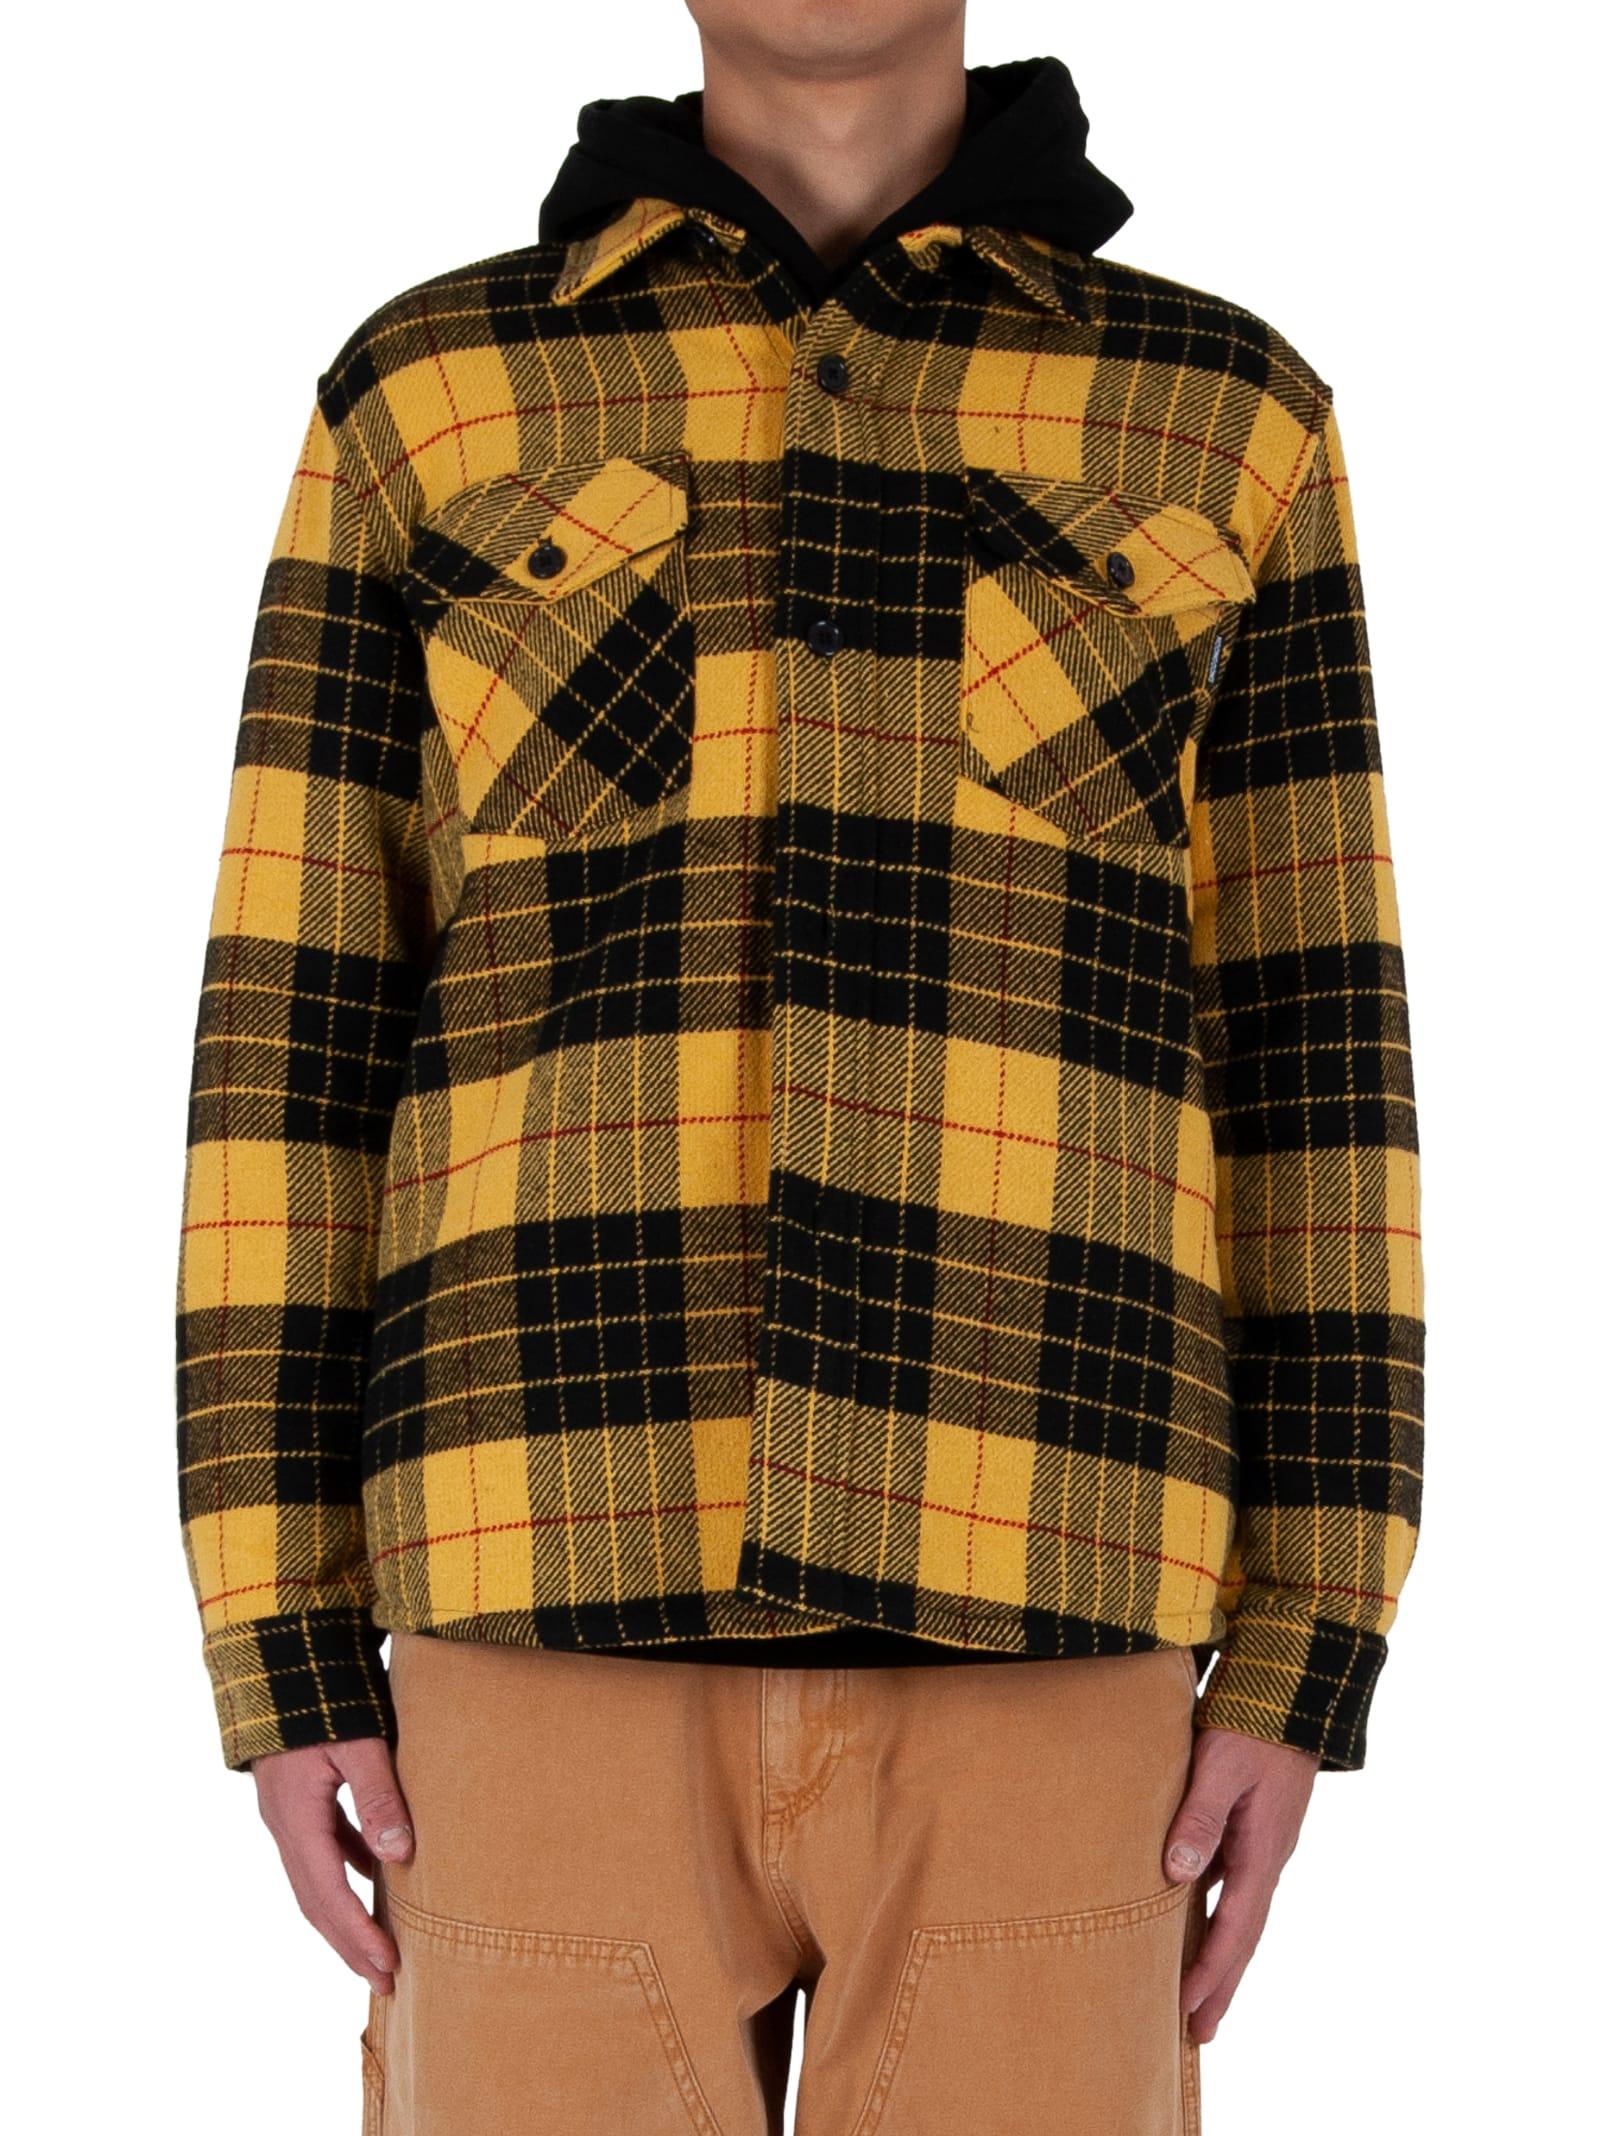 Mullen Tartan Flannel Shirt - Yellow/black